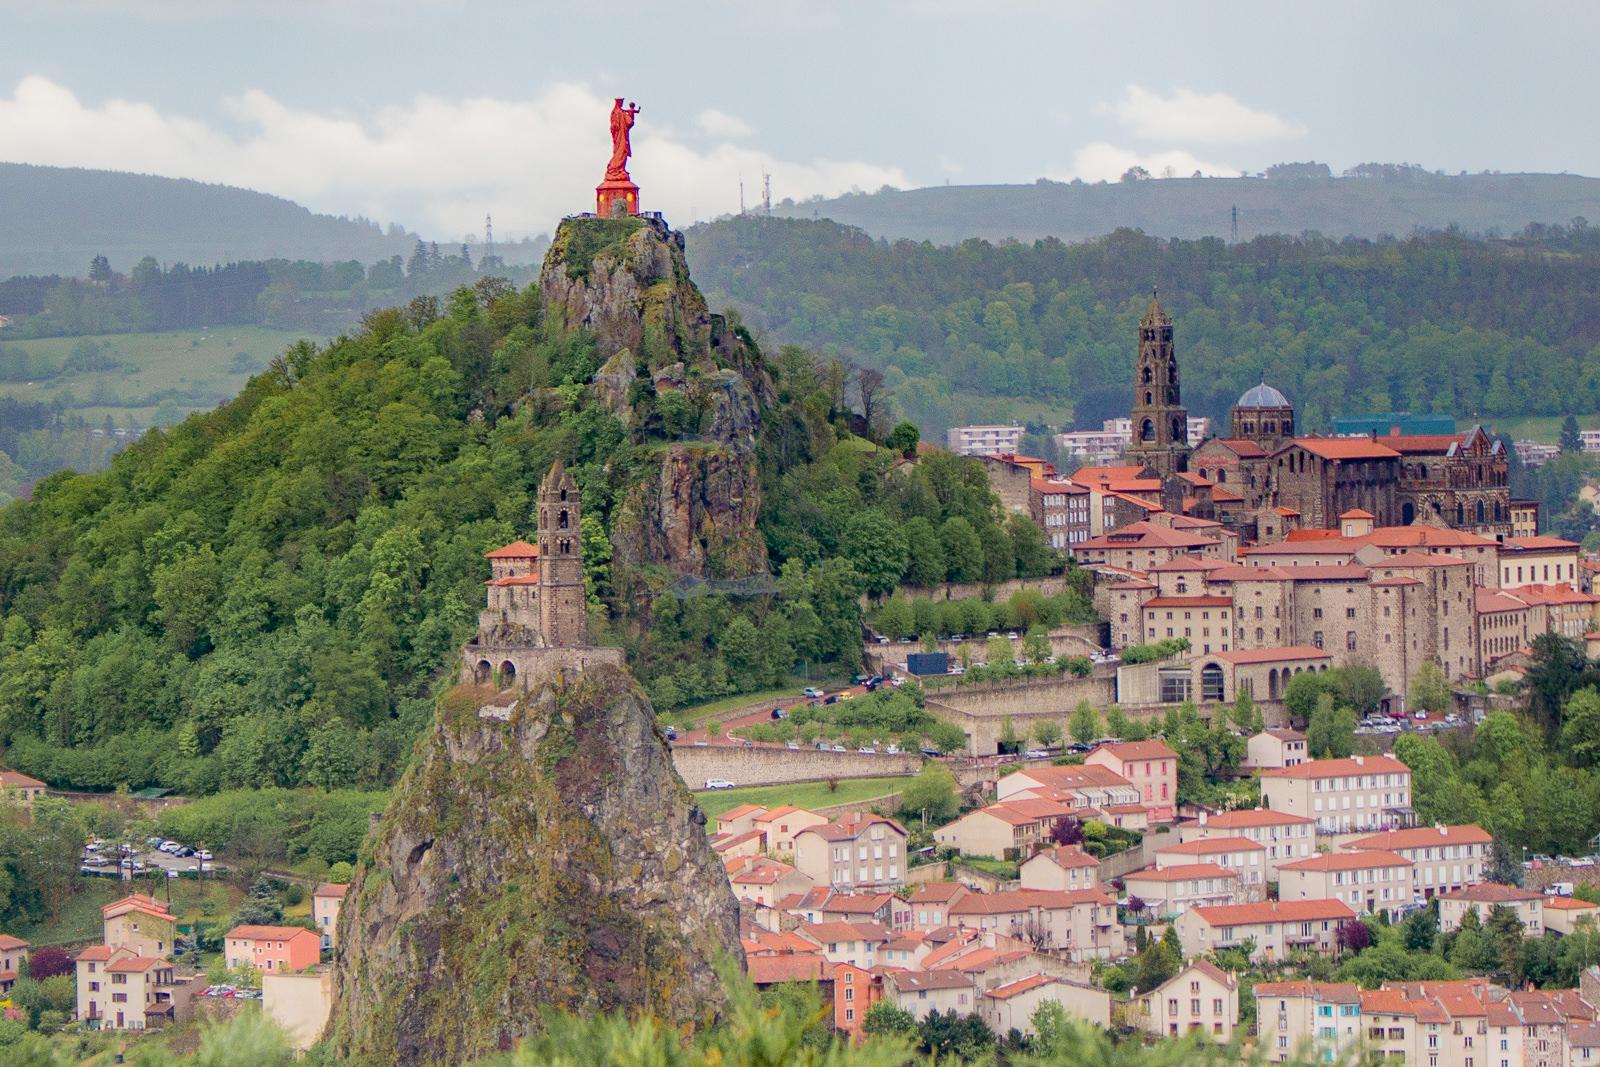 Begeistert Von Der Auvergne Auch Wenns Mal Regnet Vielweib On Tour